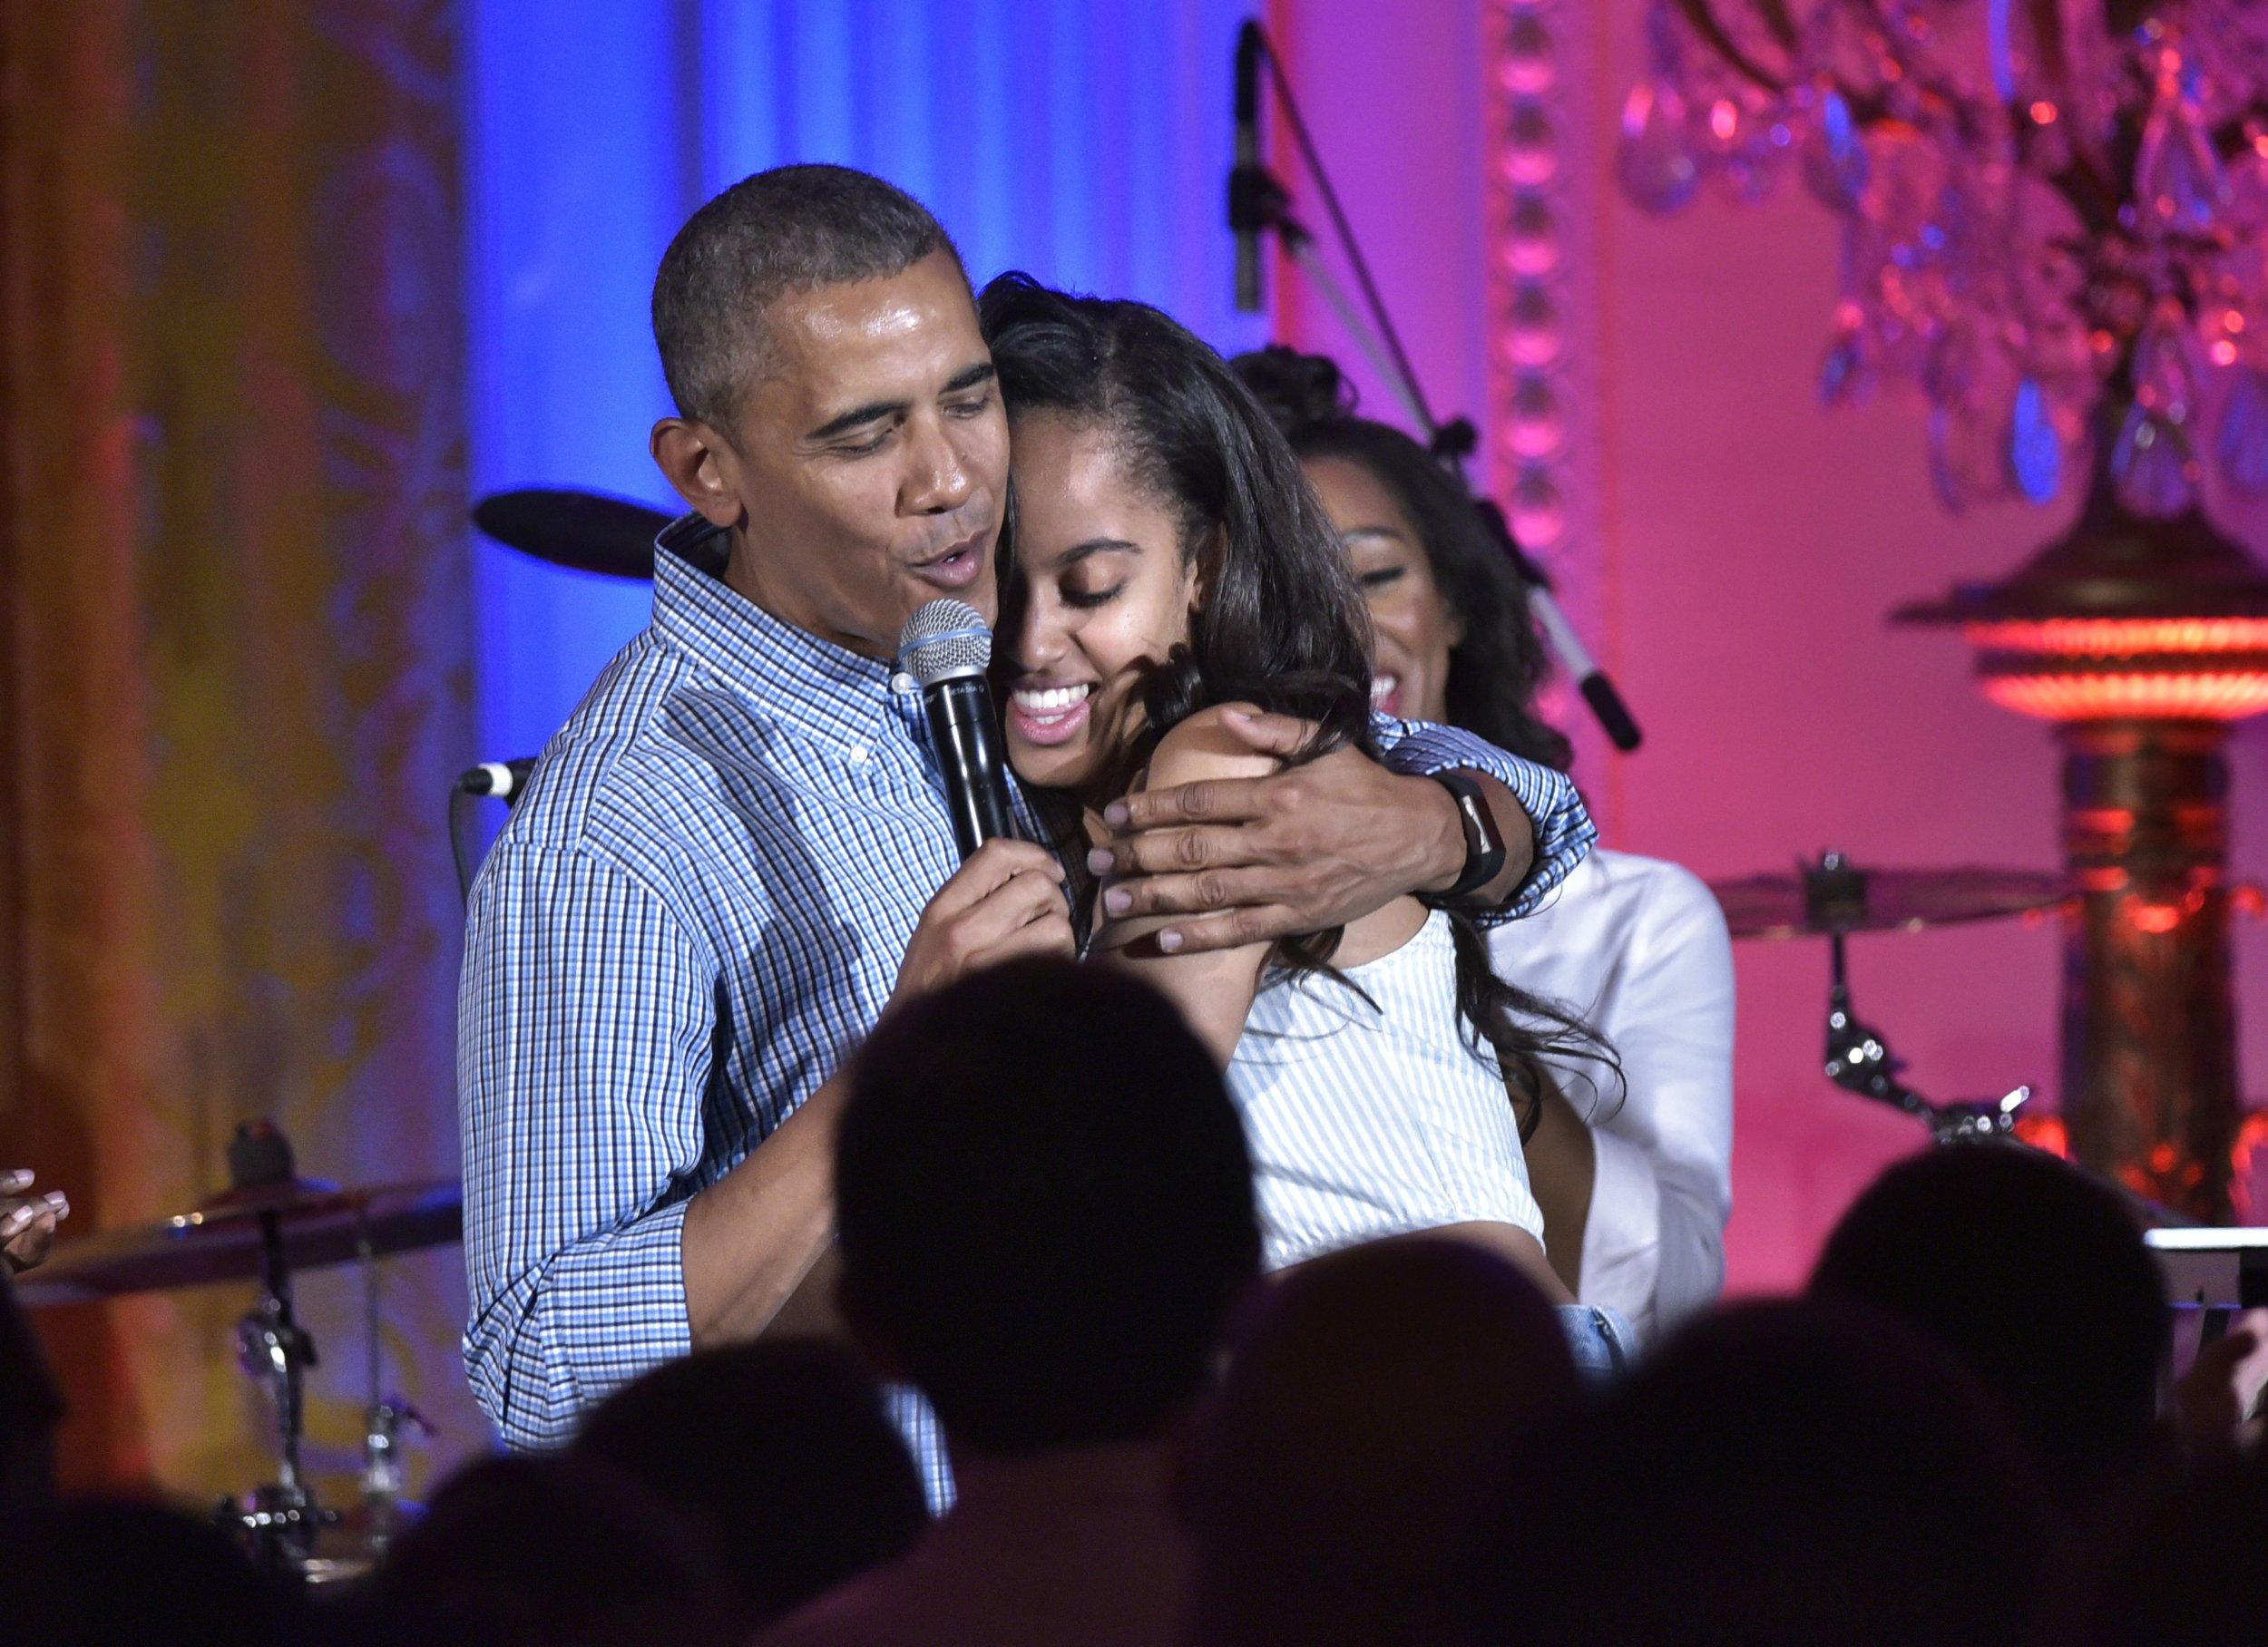 Obama and Malia hug